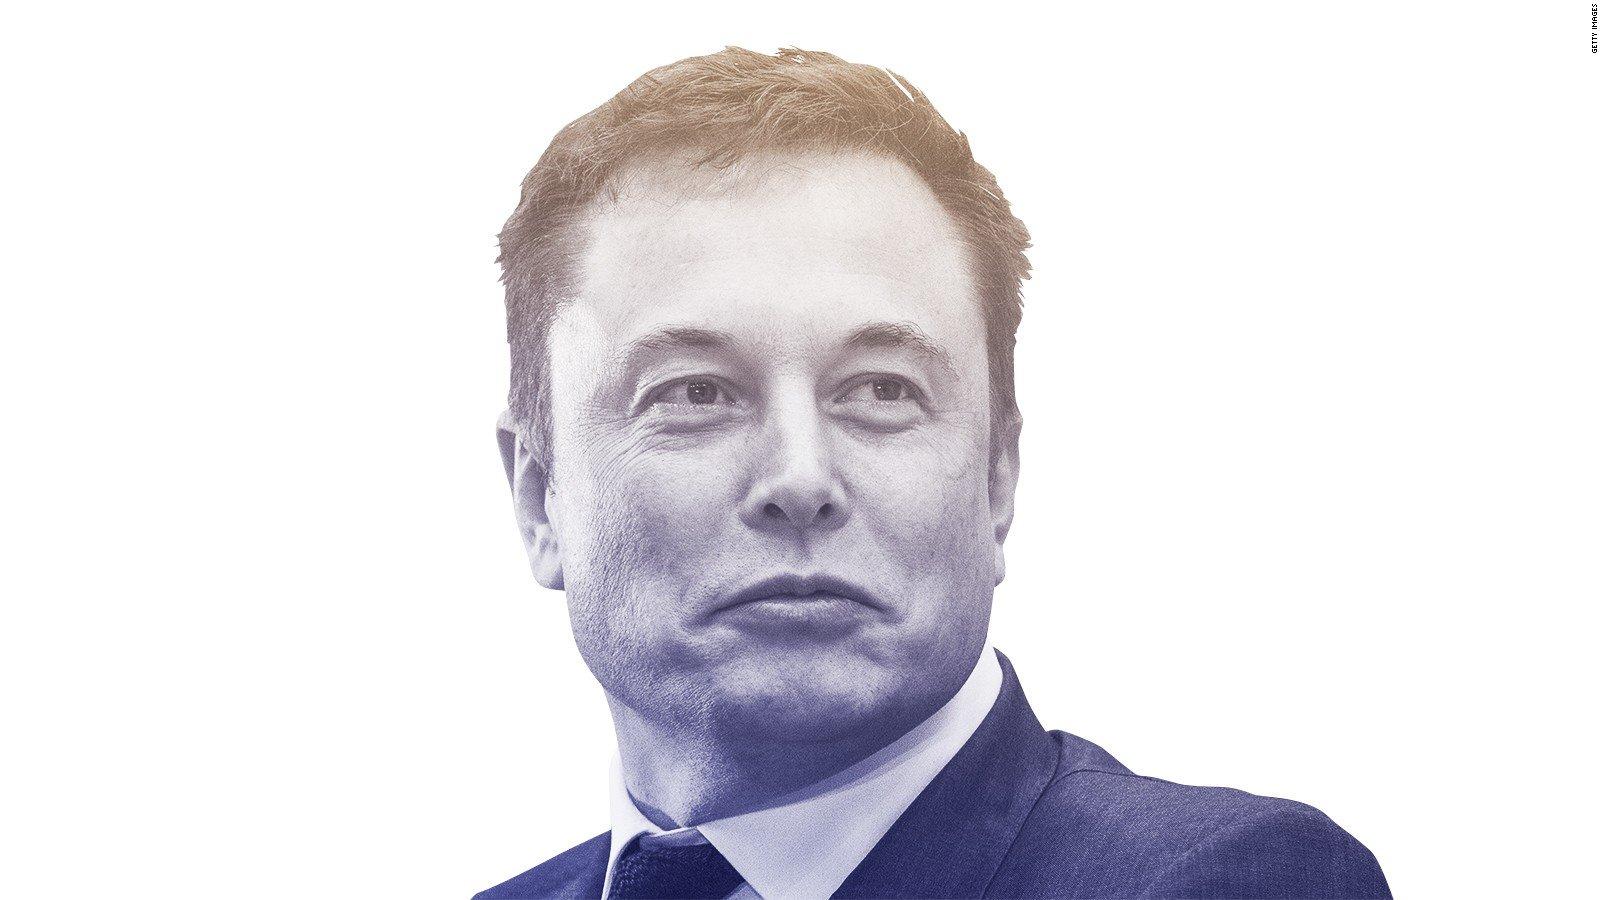 Elon Musk Türkiyəyə səfər etdi və prezident Rəcəb Tayyib Ərdoğanla görüşdü